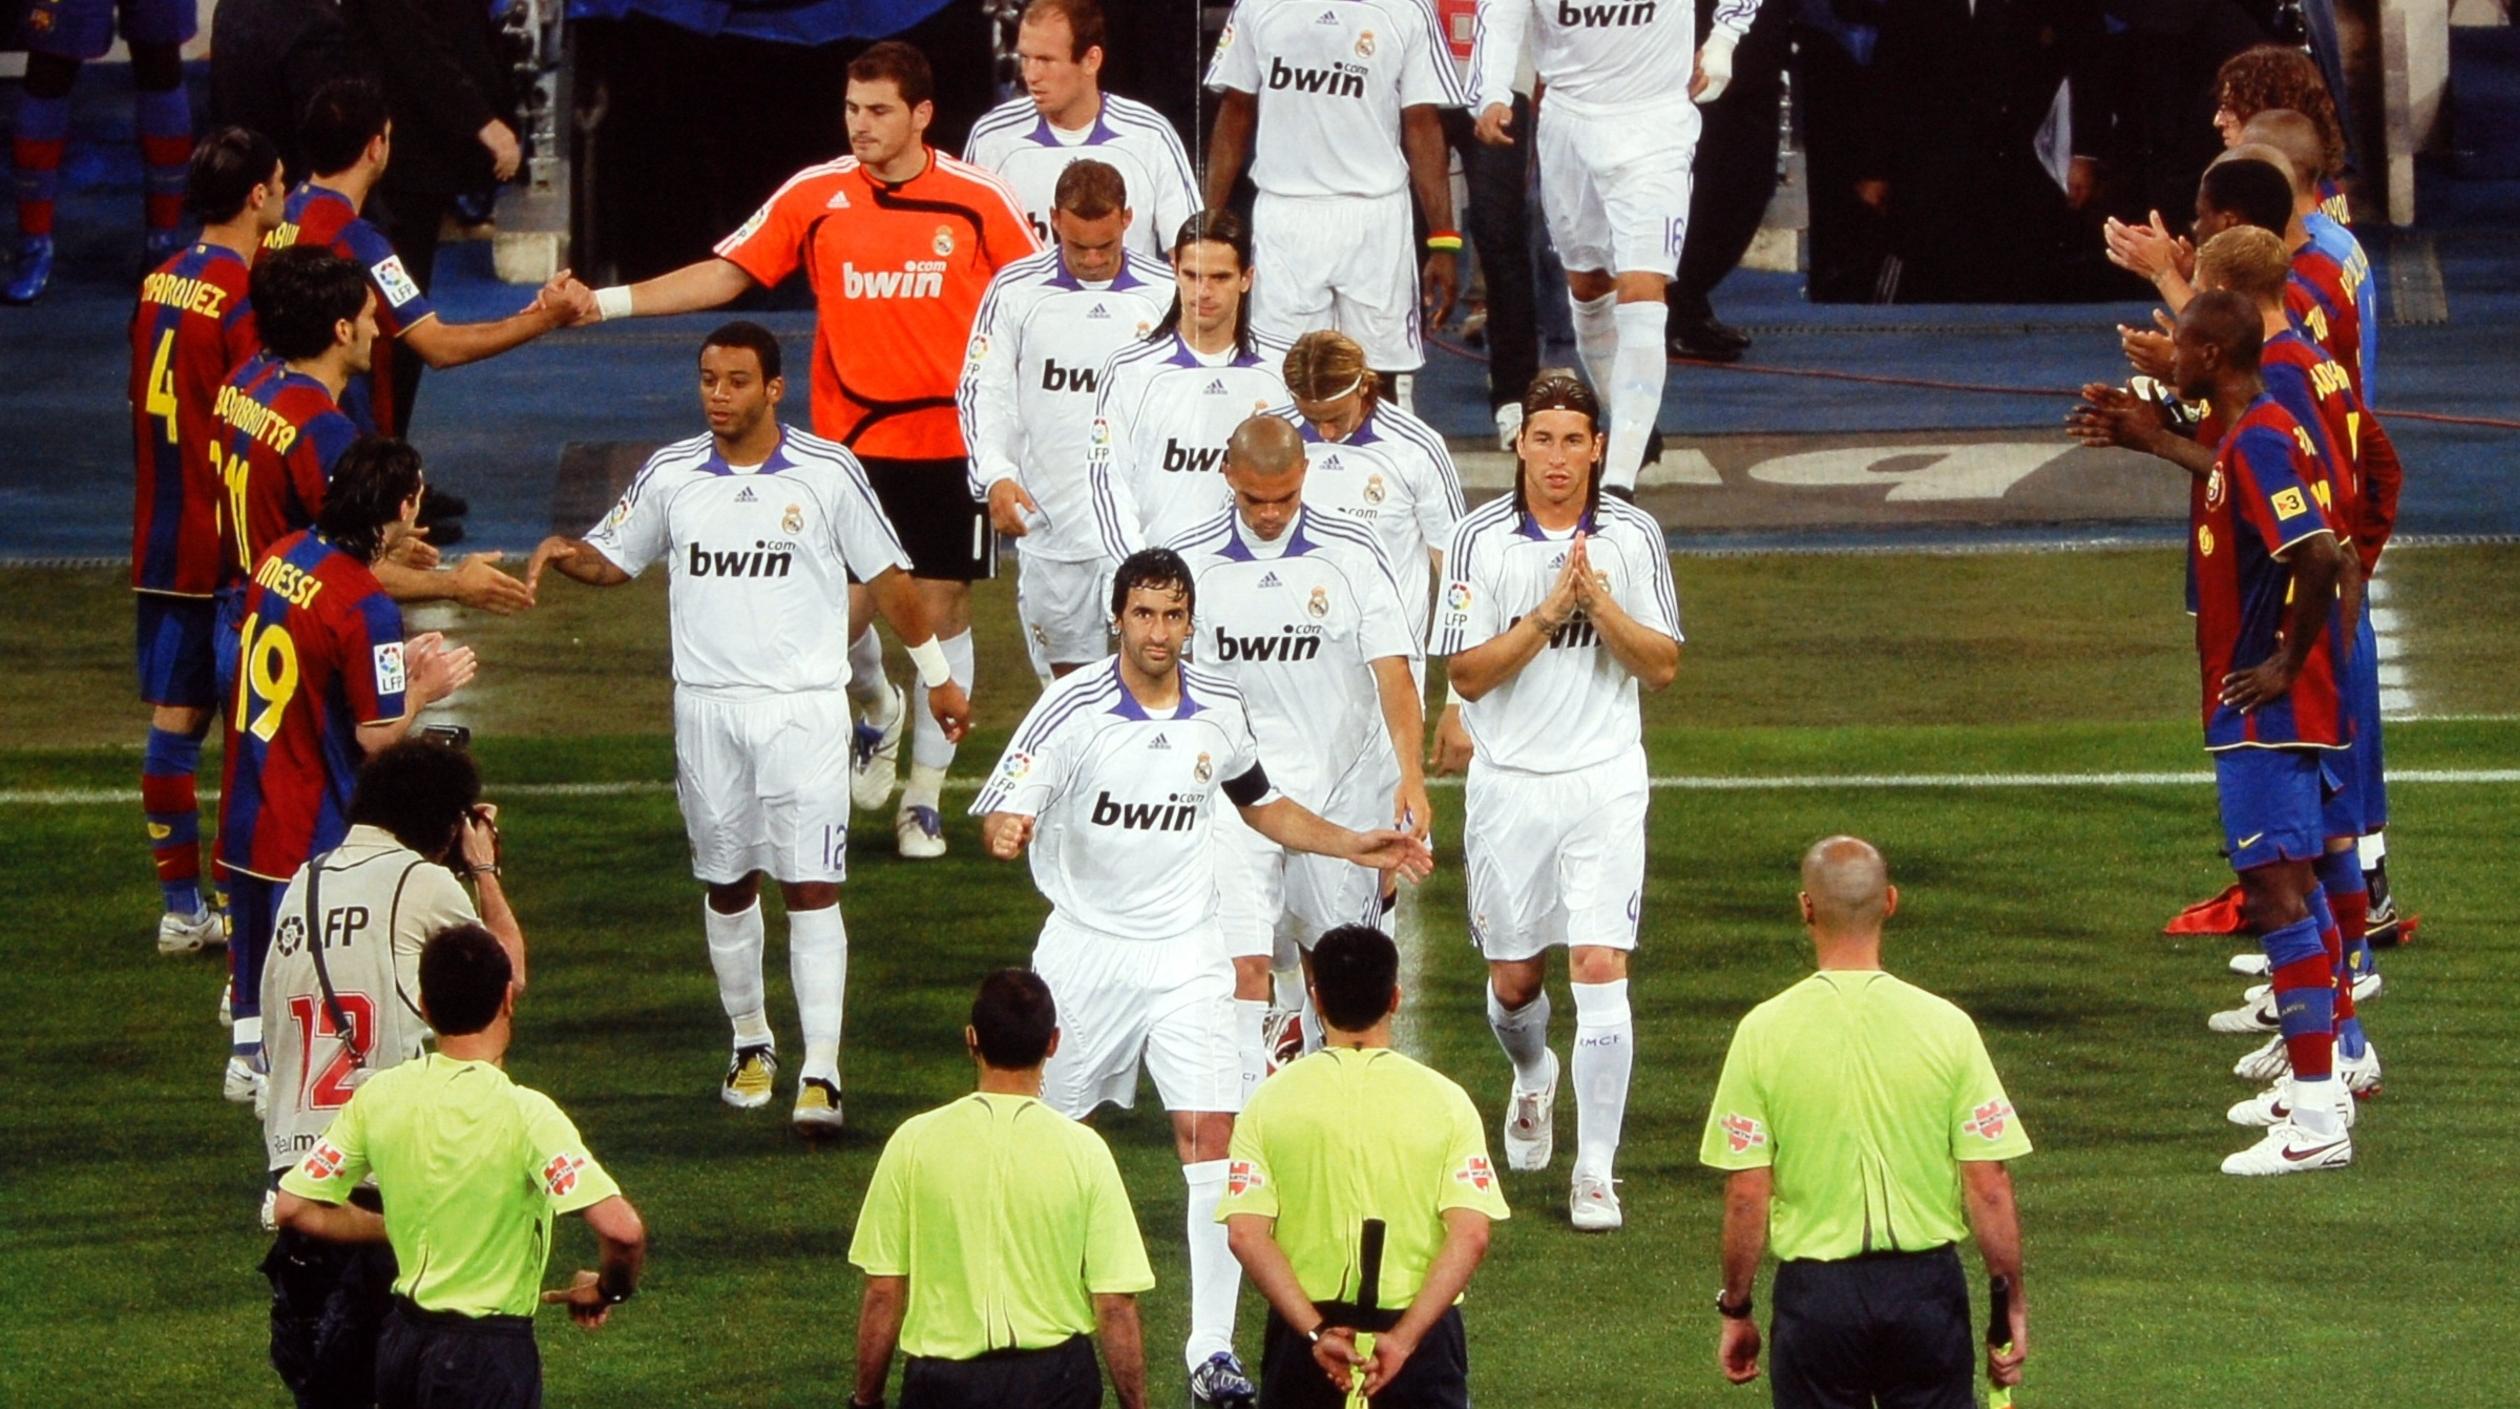 La sanción que impedirá a Modric jugar ante Barcelona